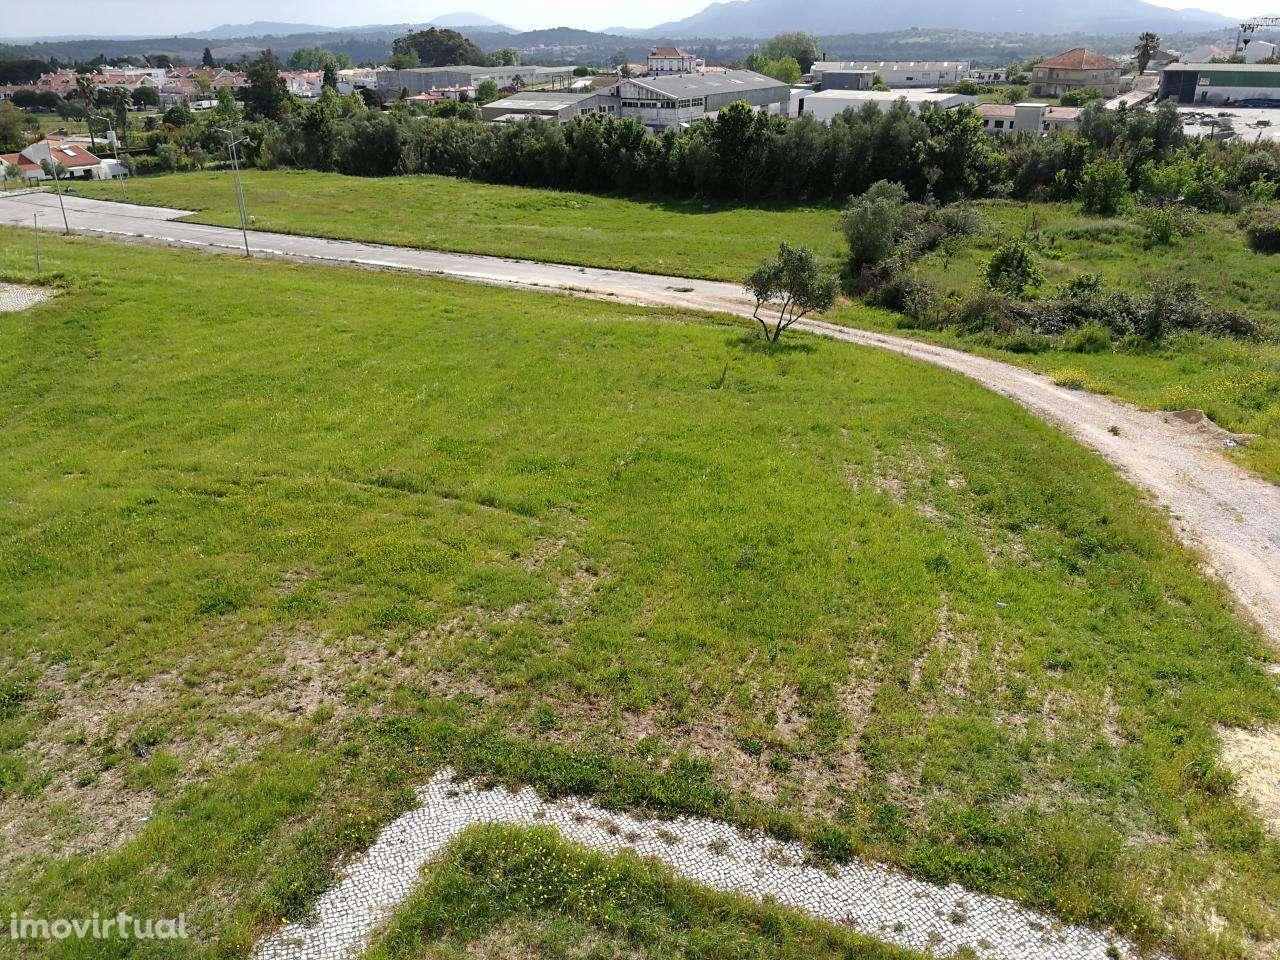 Apartamento para comprar, Castelo (Sesimbra), Sesimbra, Setúbal - Foto 24